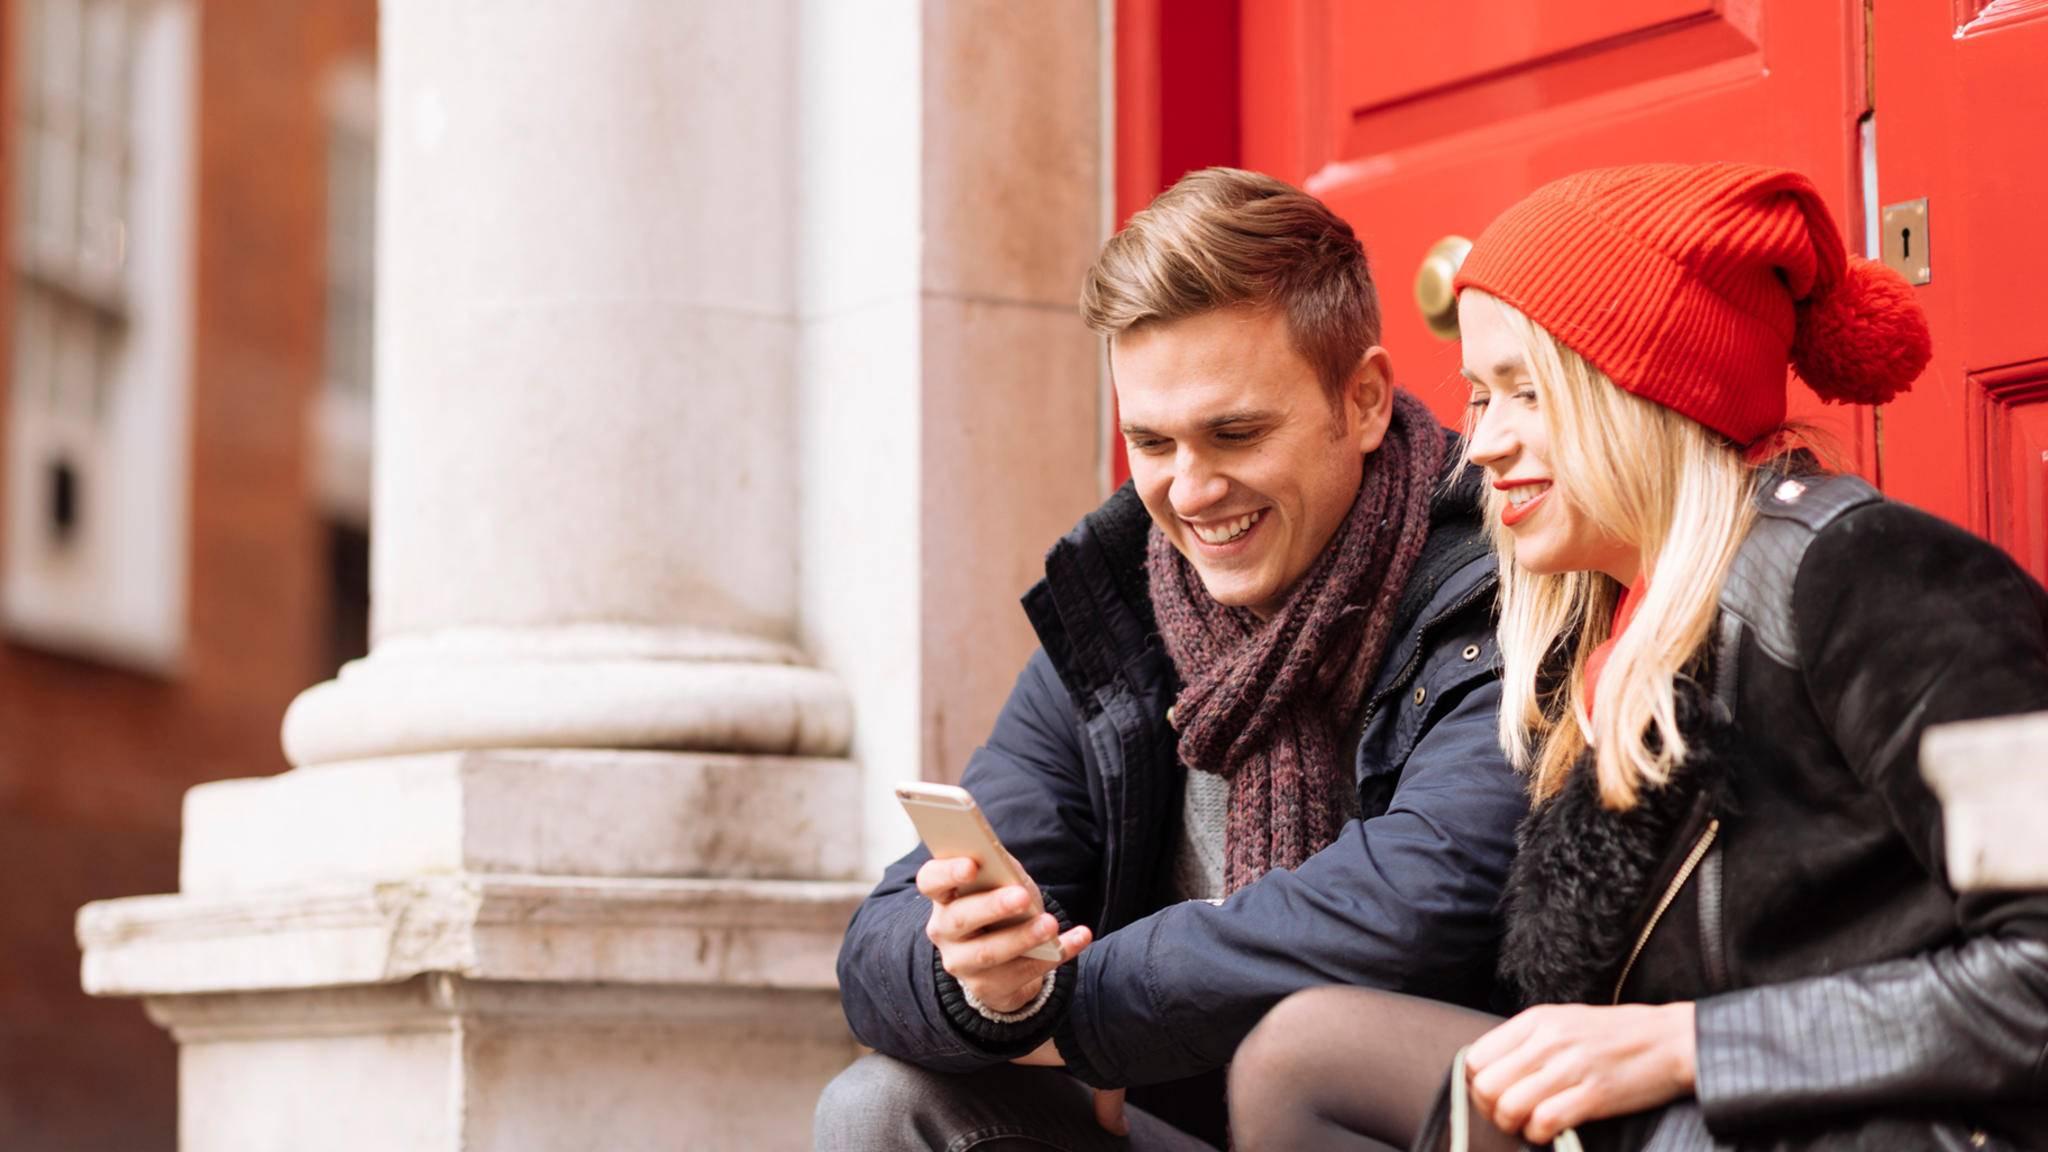 Mit Nachbarschafts-Apps kann man einen Blick vor die eigene Haustür werfen und Freunde finden.